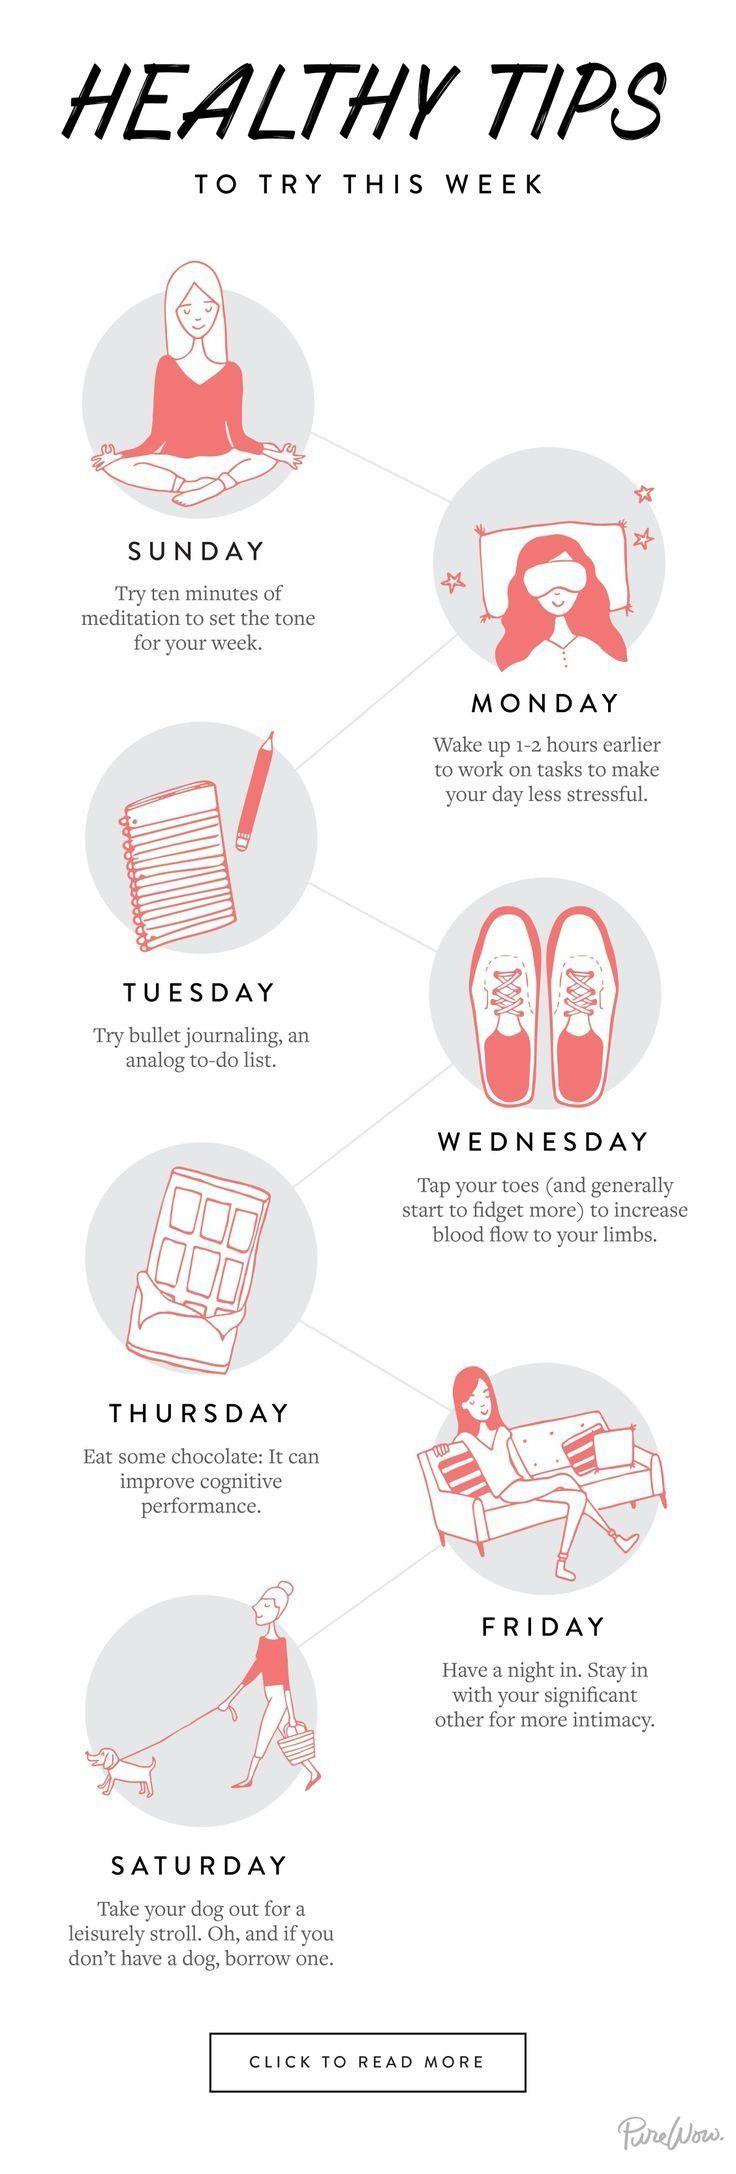 Ein gesunder Trick für jeden Tag der Woche - #der #ein #fur #gesunder #jeden #Tag #tips #Trick #Woche #bible